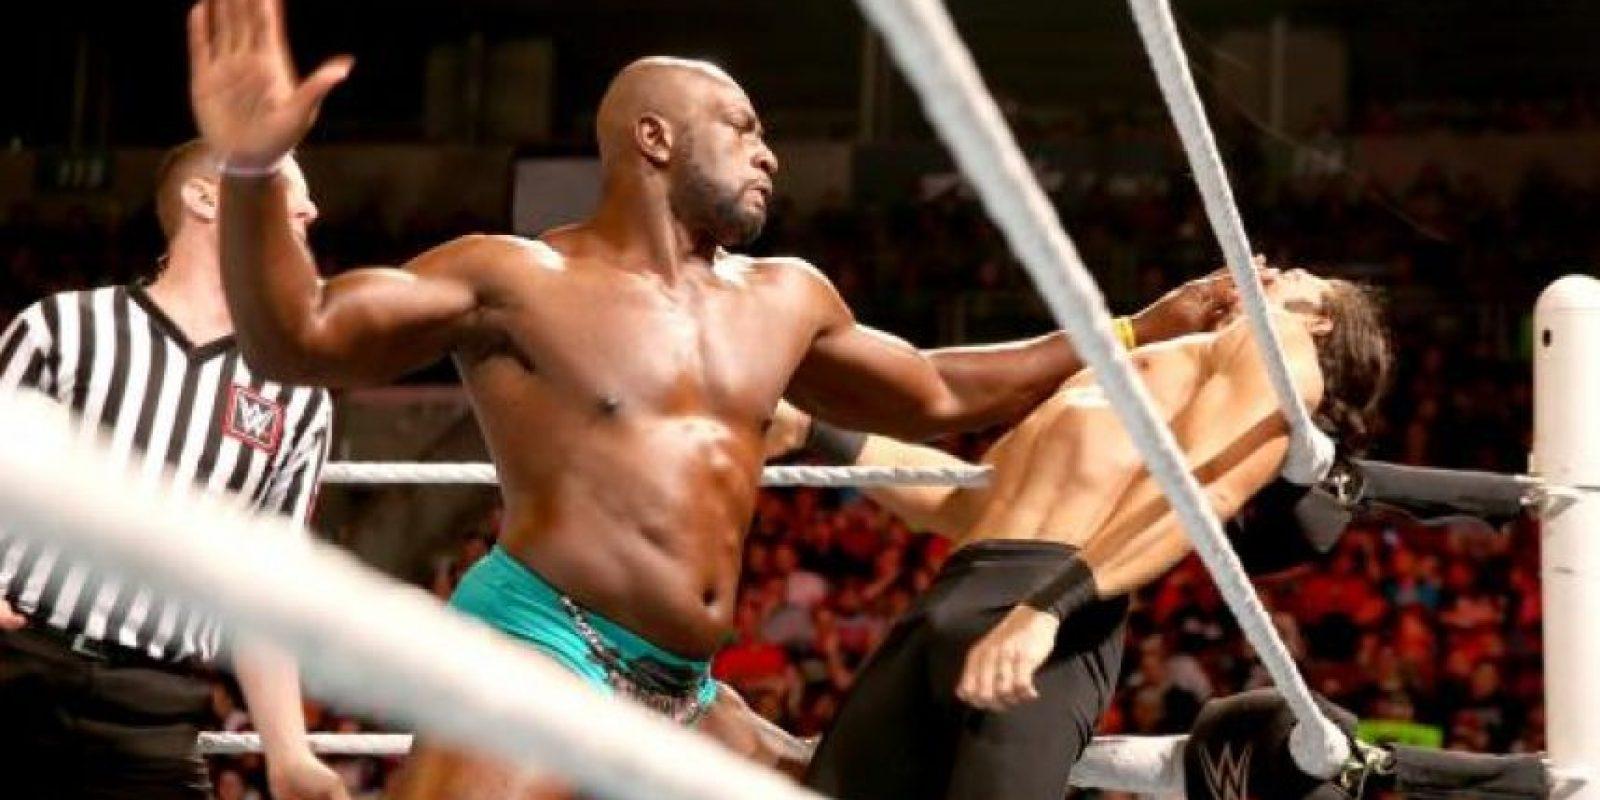 """Titus jaló al """"Jefe"""", quien se molestó y empujó al luchador Foto:WWE"""